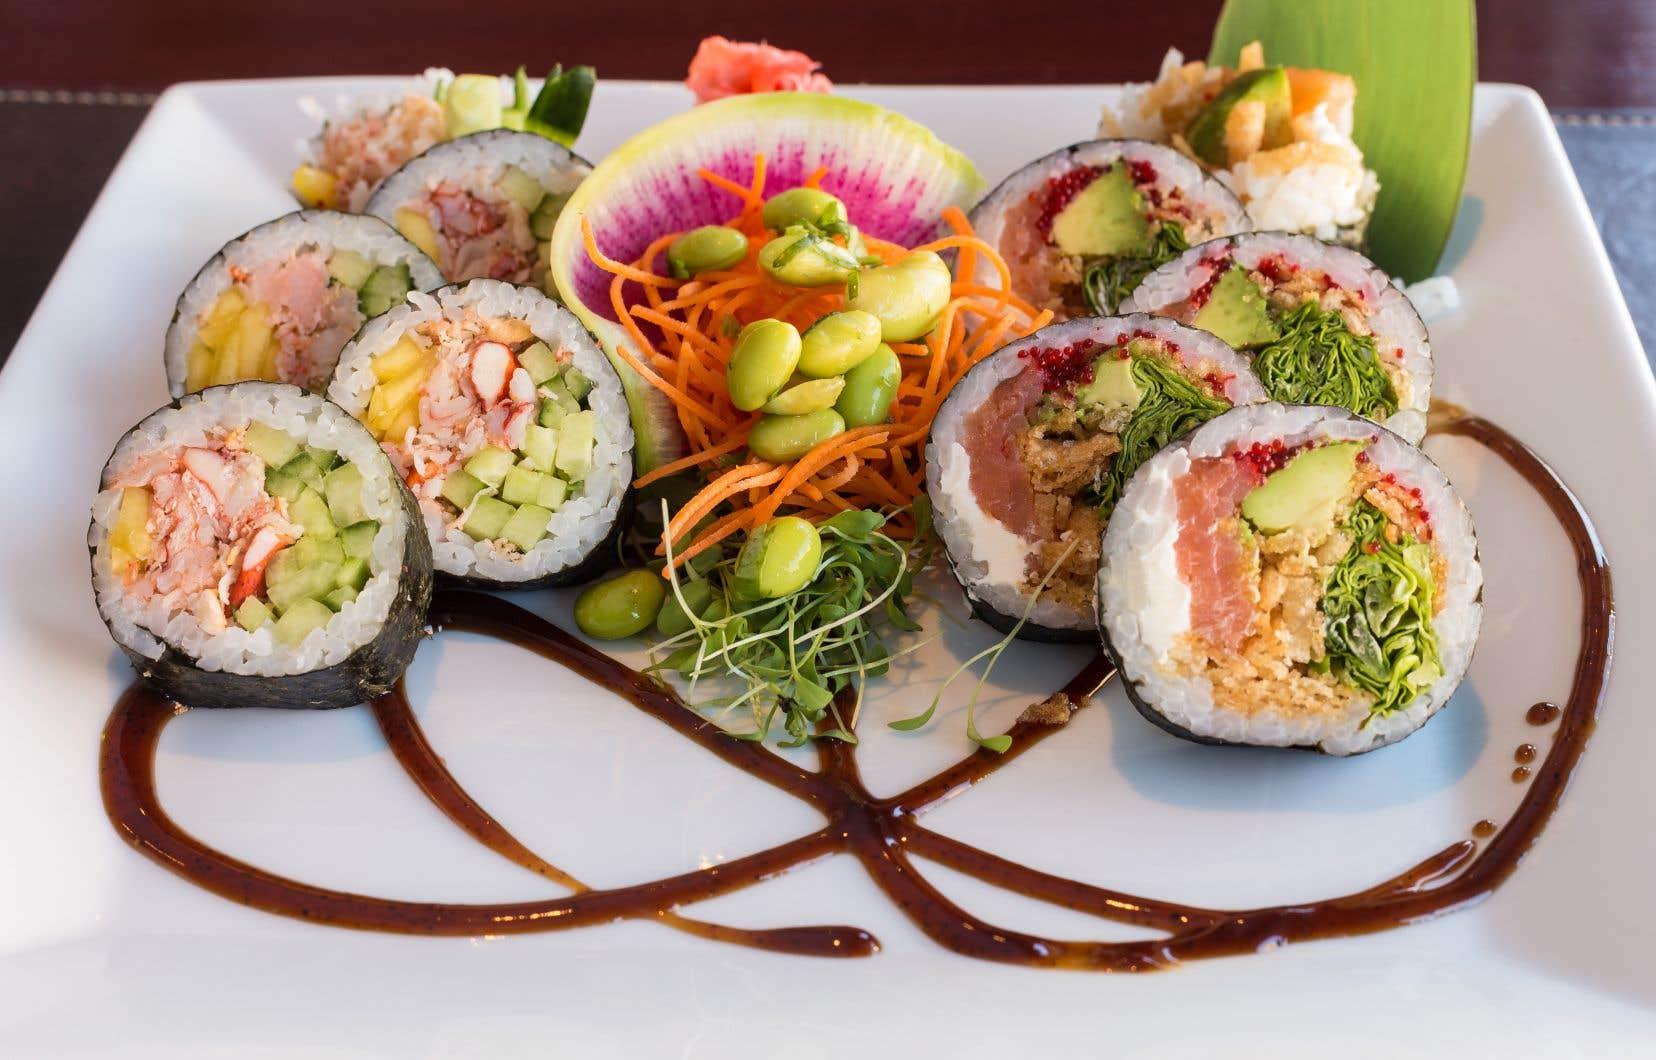 Ce restaurant, situé dans le secteur Sillery à Québec, offre le service de livraison en plus d'opérer une salle à manger d'une trentaine de places.